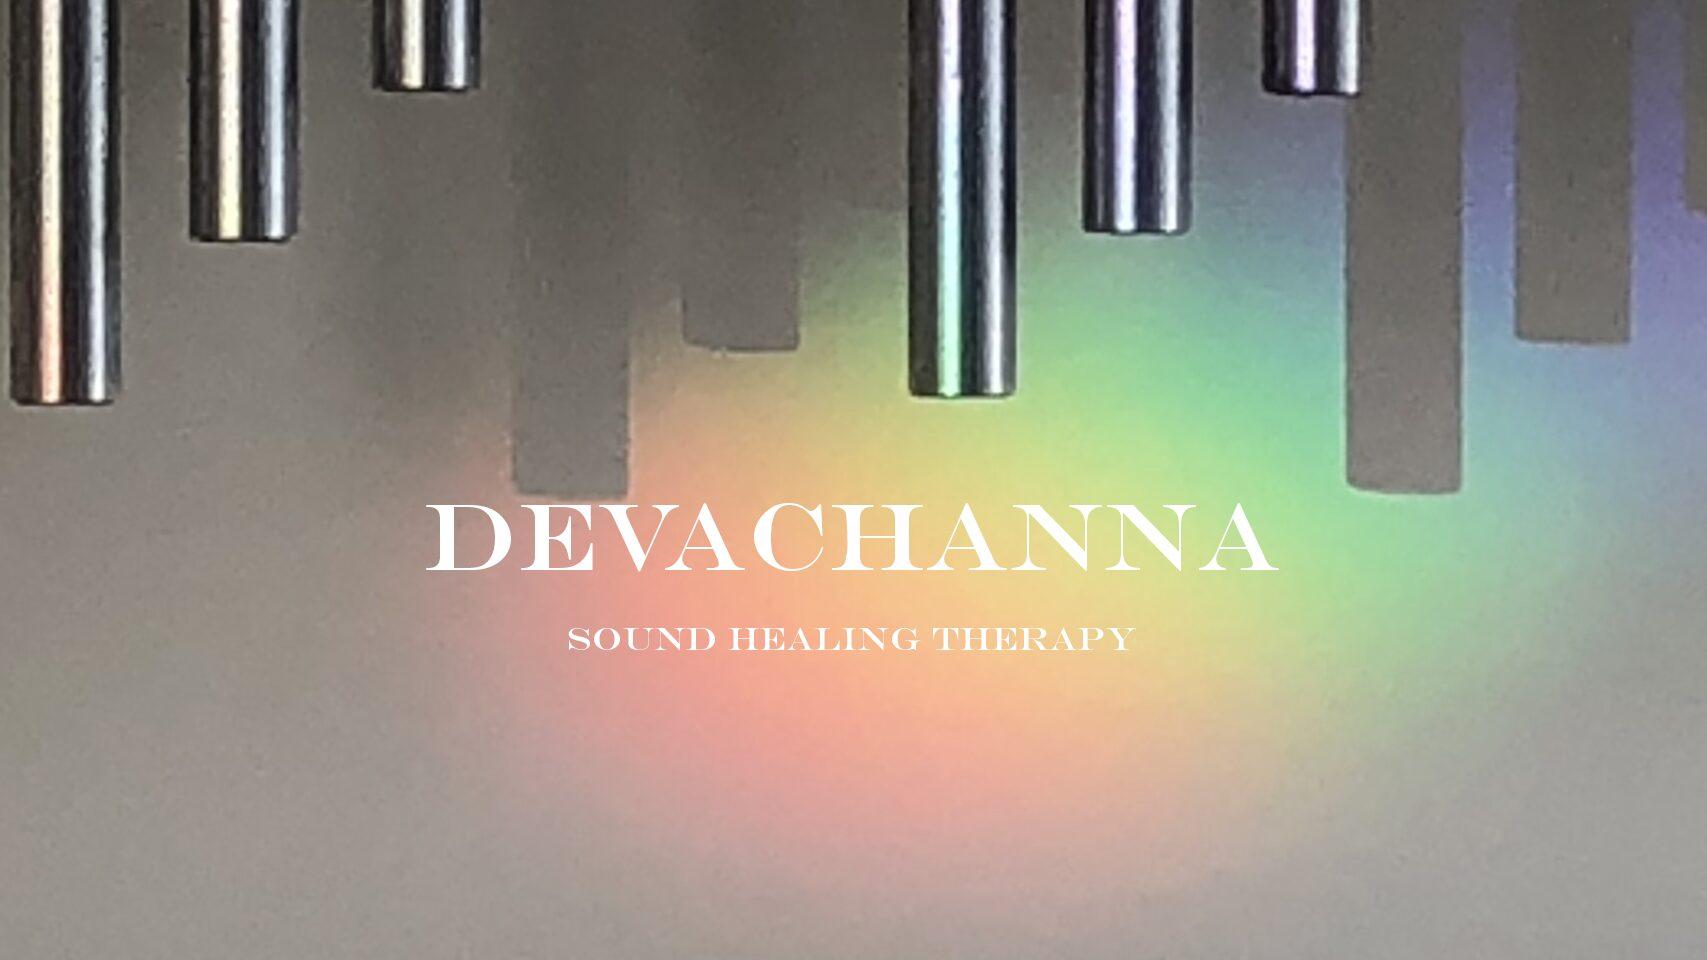 Devachanna – Sound Healing Therapy